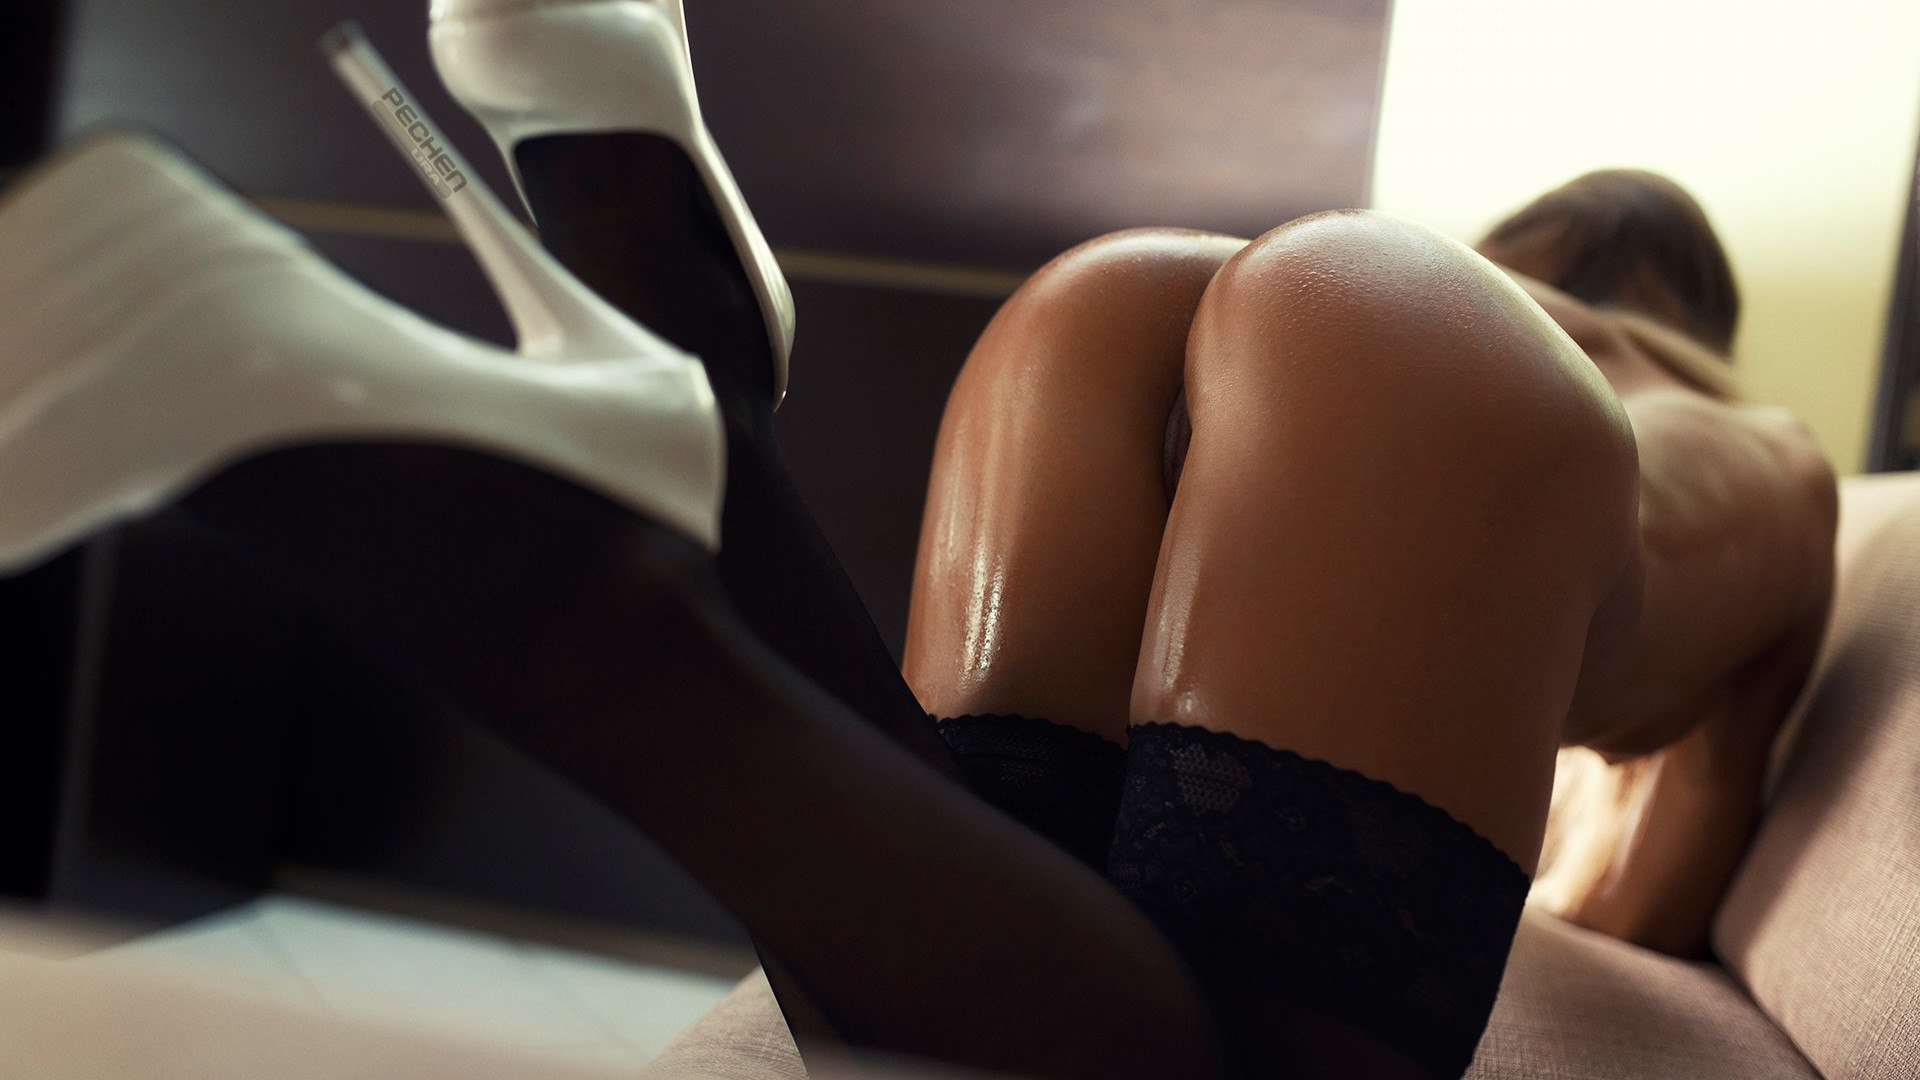 Watch Hidden Webcam GirlsGetting Naked & Horny